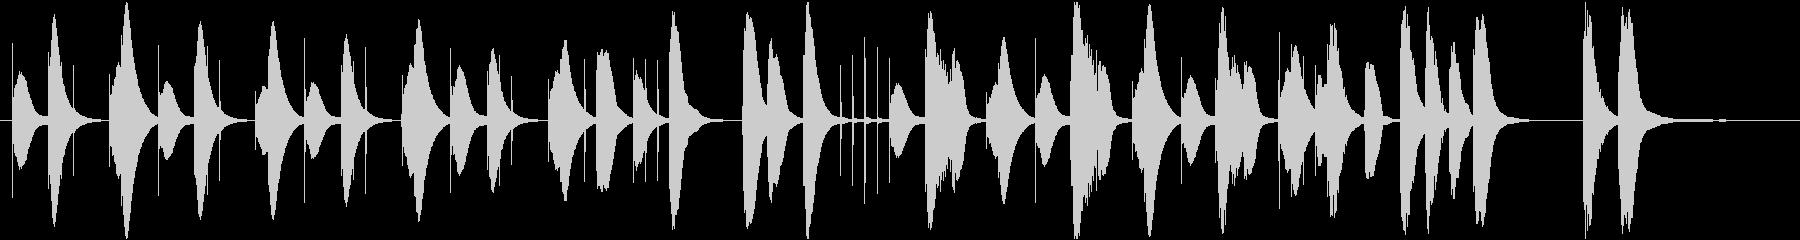 可愛らしいまったりした曲です。の未再生の波形